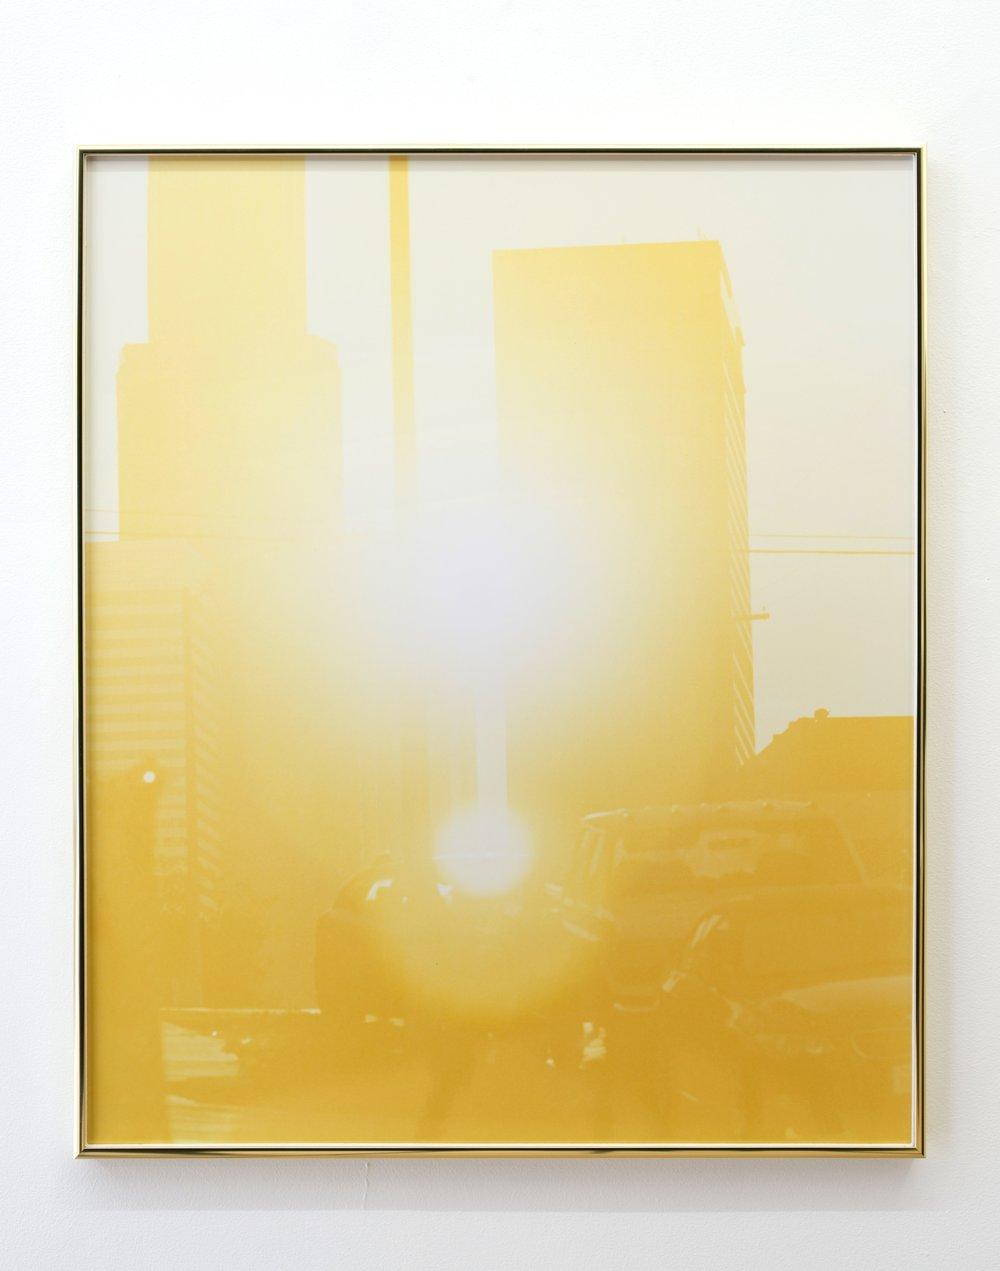 Sébastien Reuzé, SOLEIL DSC_4443 (2017),2017, RC print - Papier Fuji Cristal Archive, 51 x 61 cm with frame